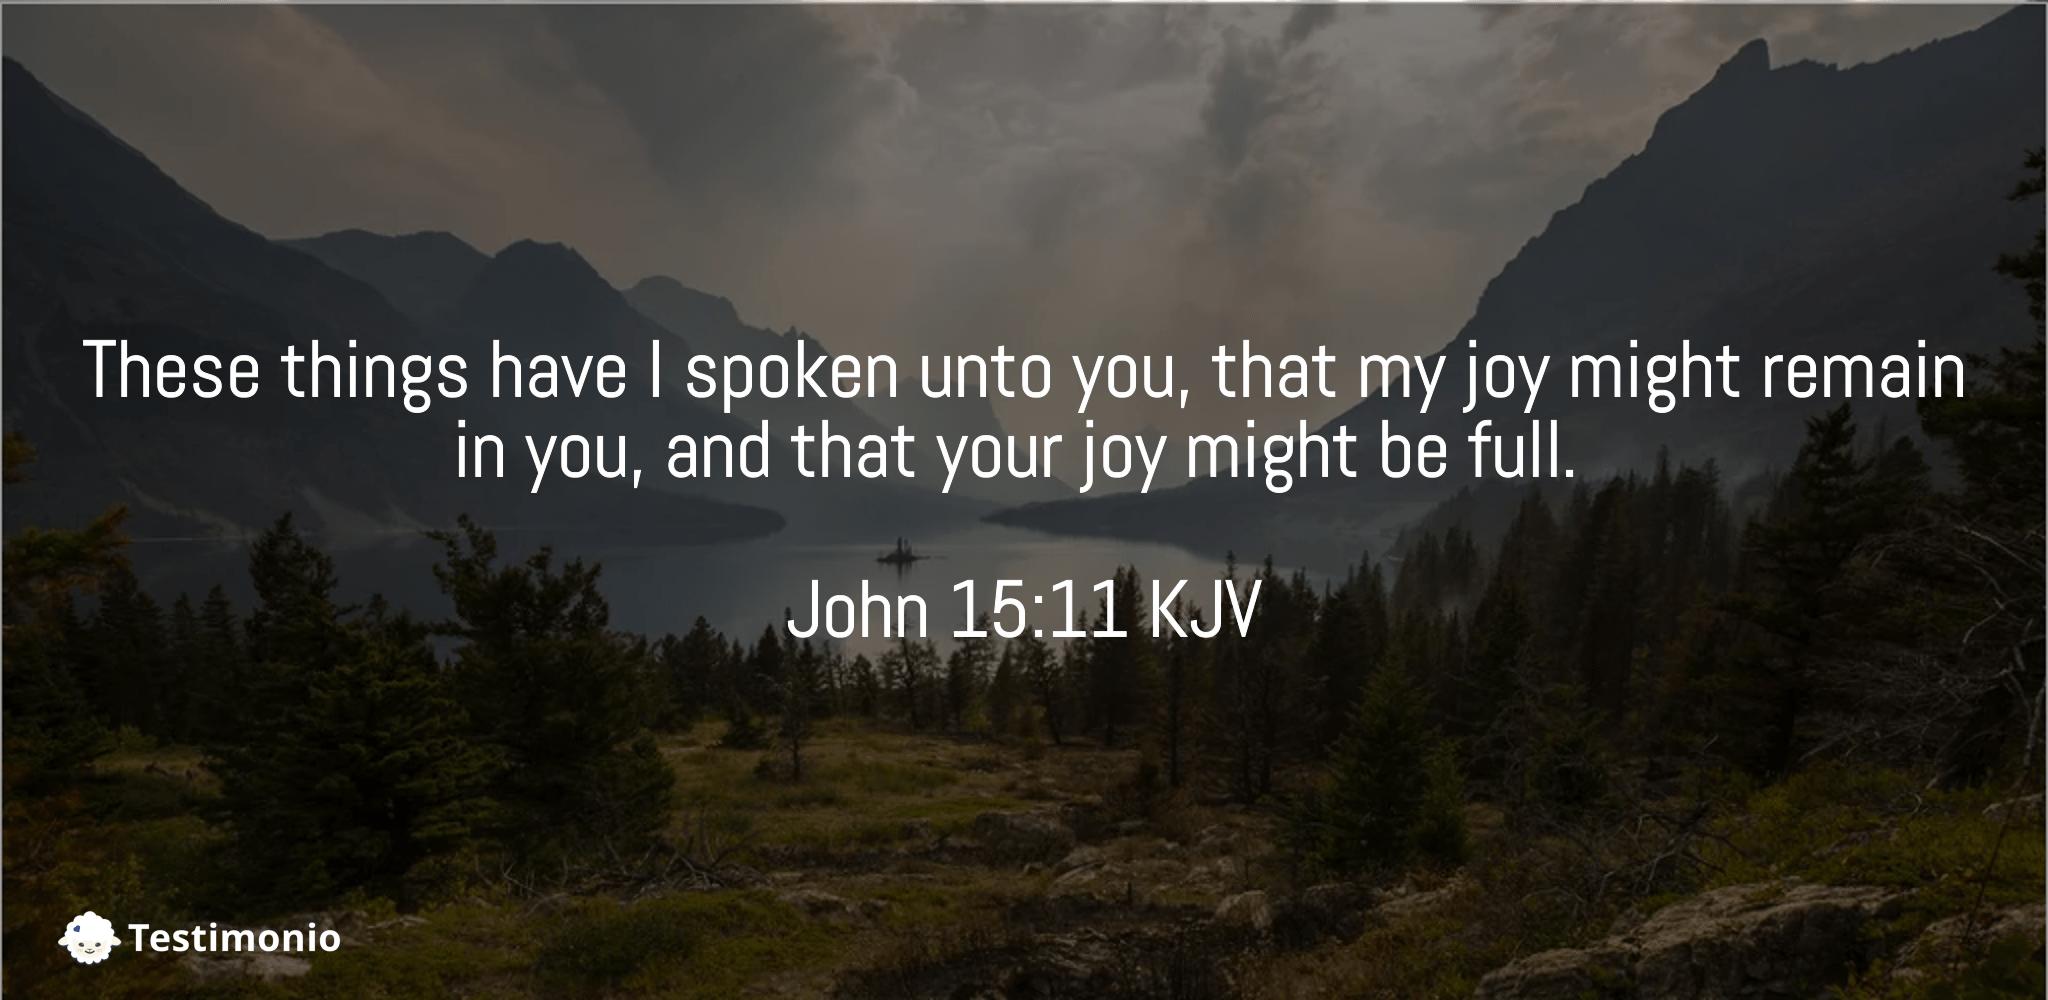 John 15:11